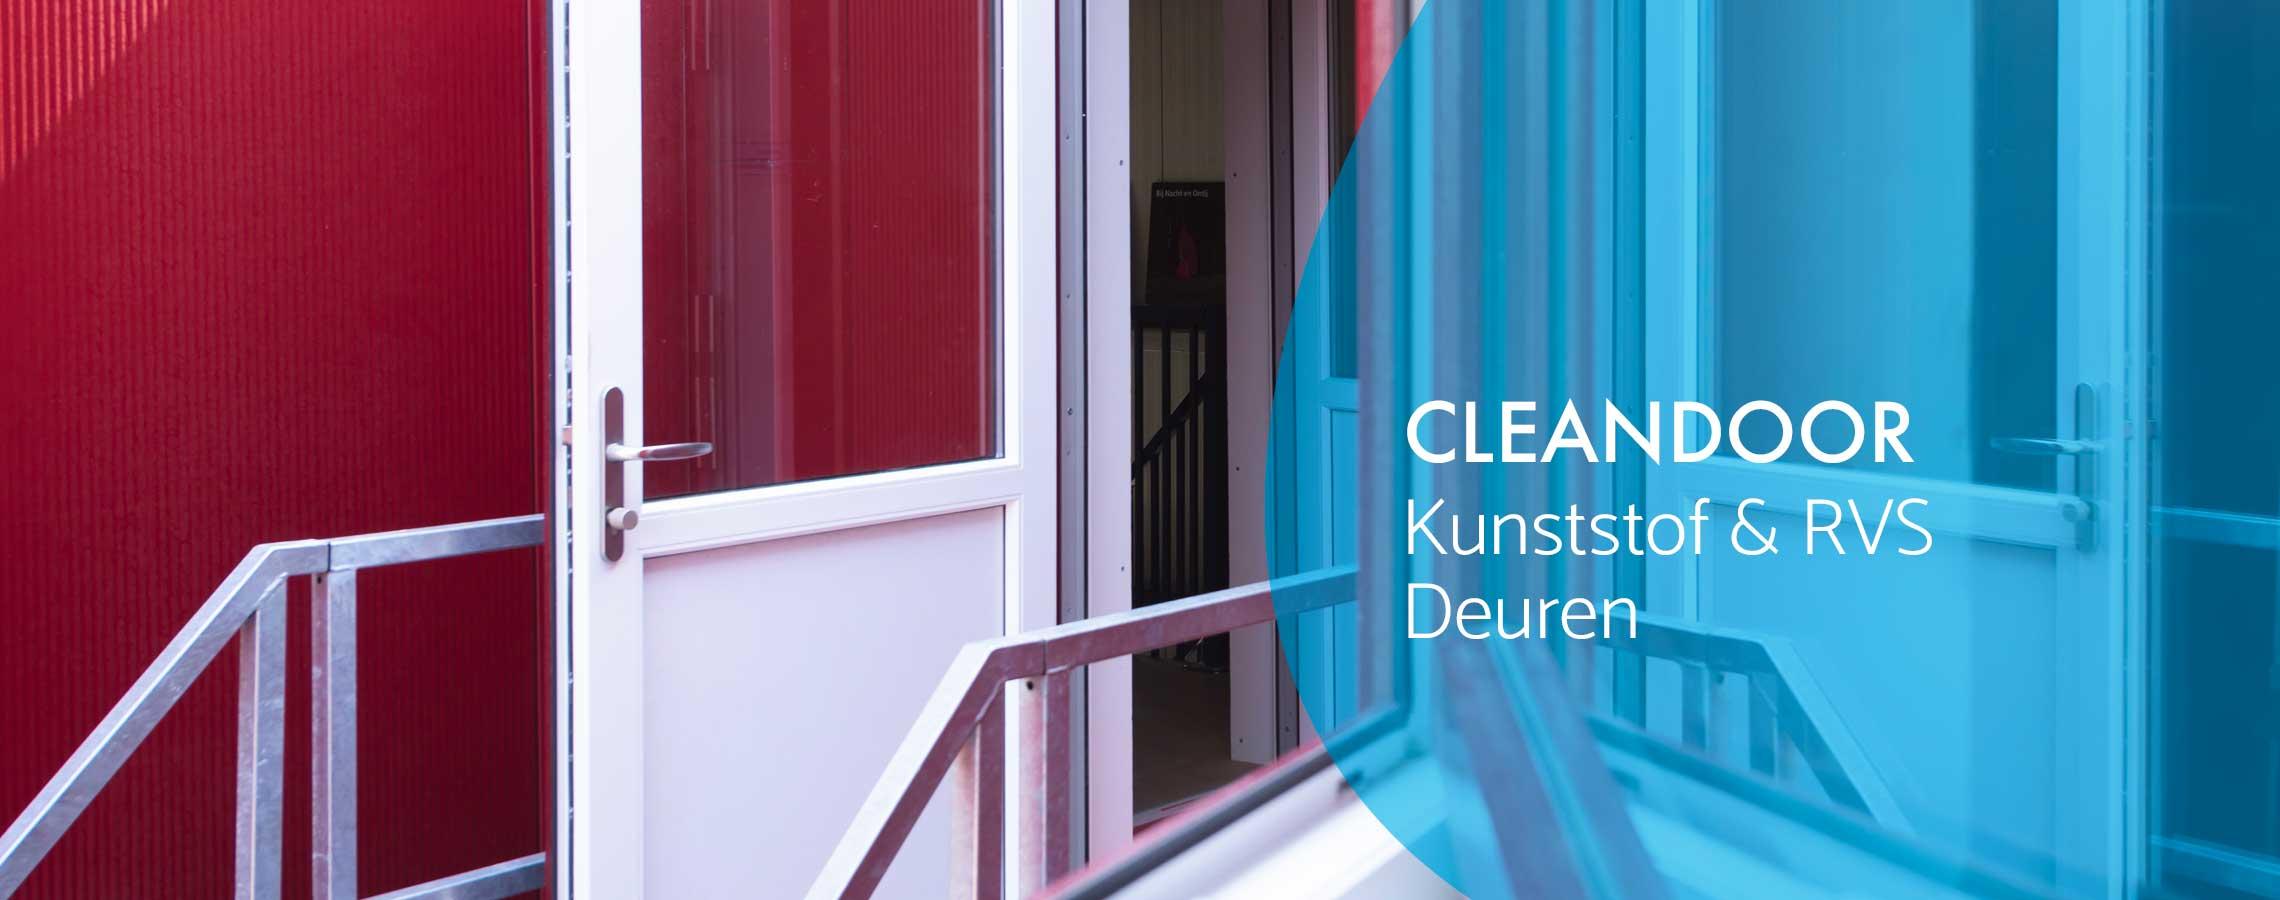 Cleandoor kunststof en rvs deuren